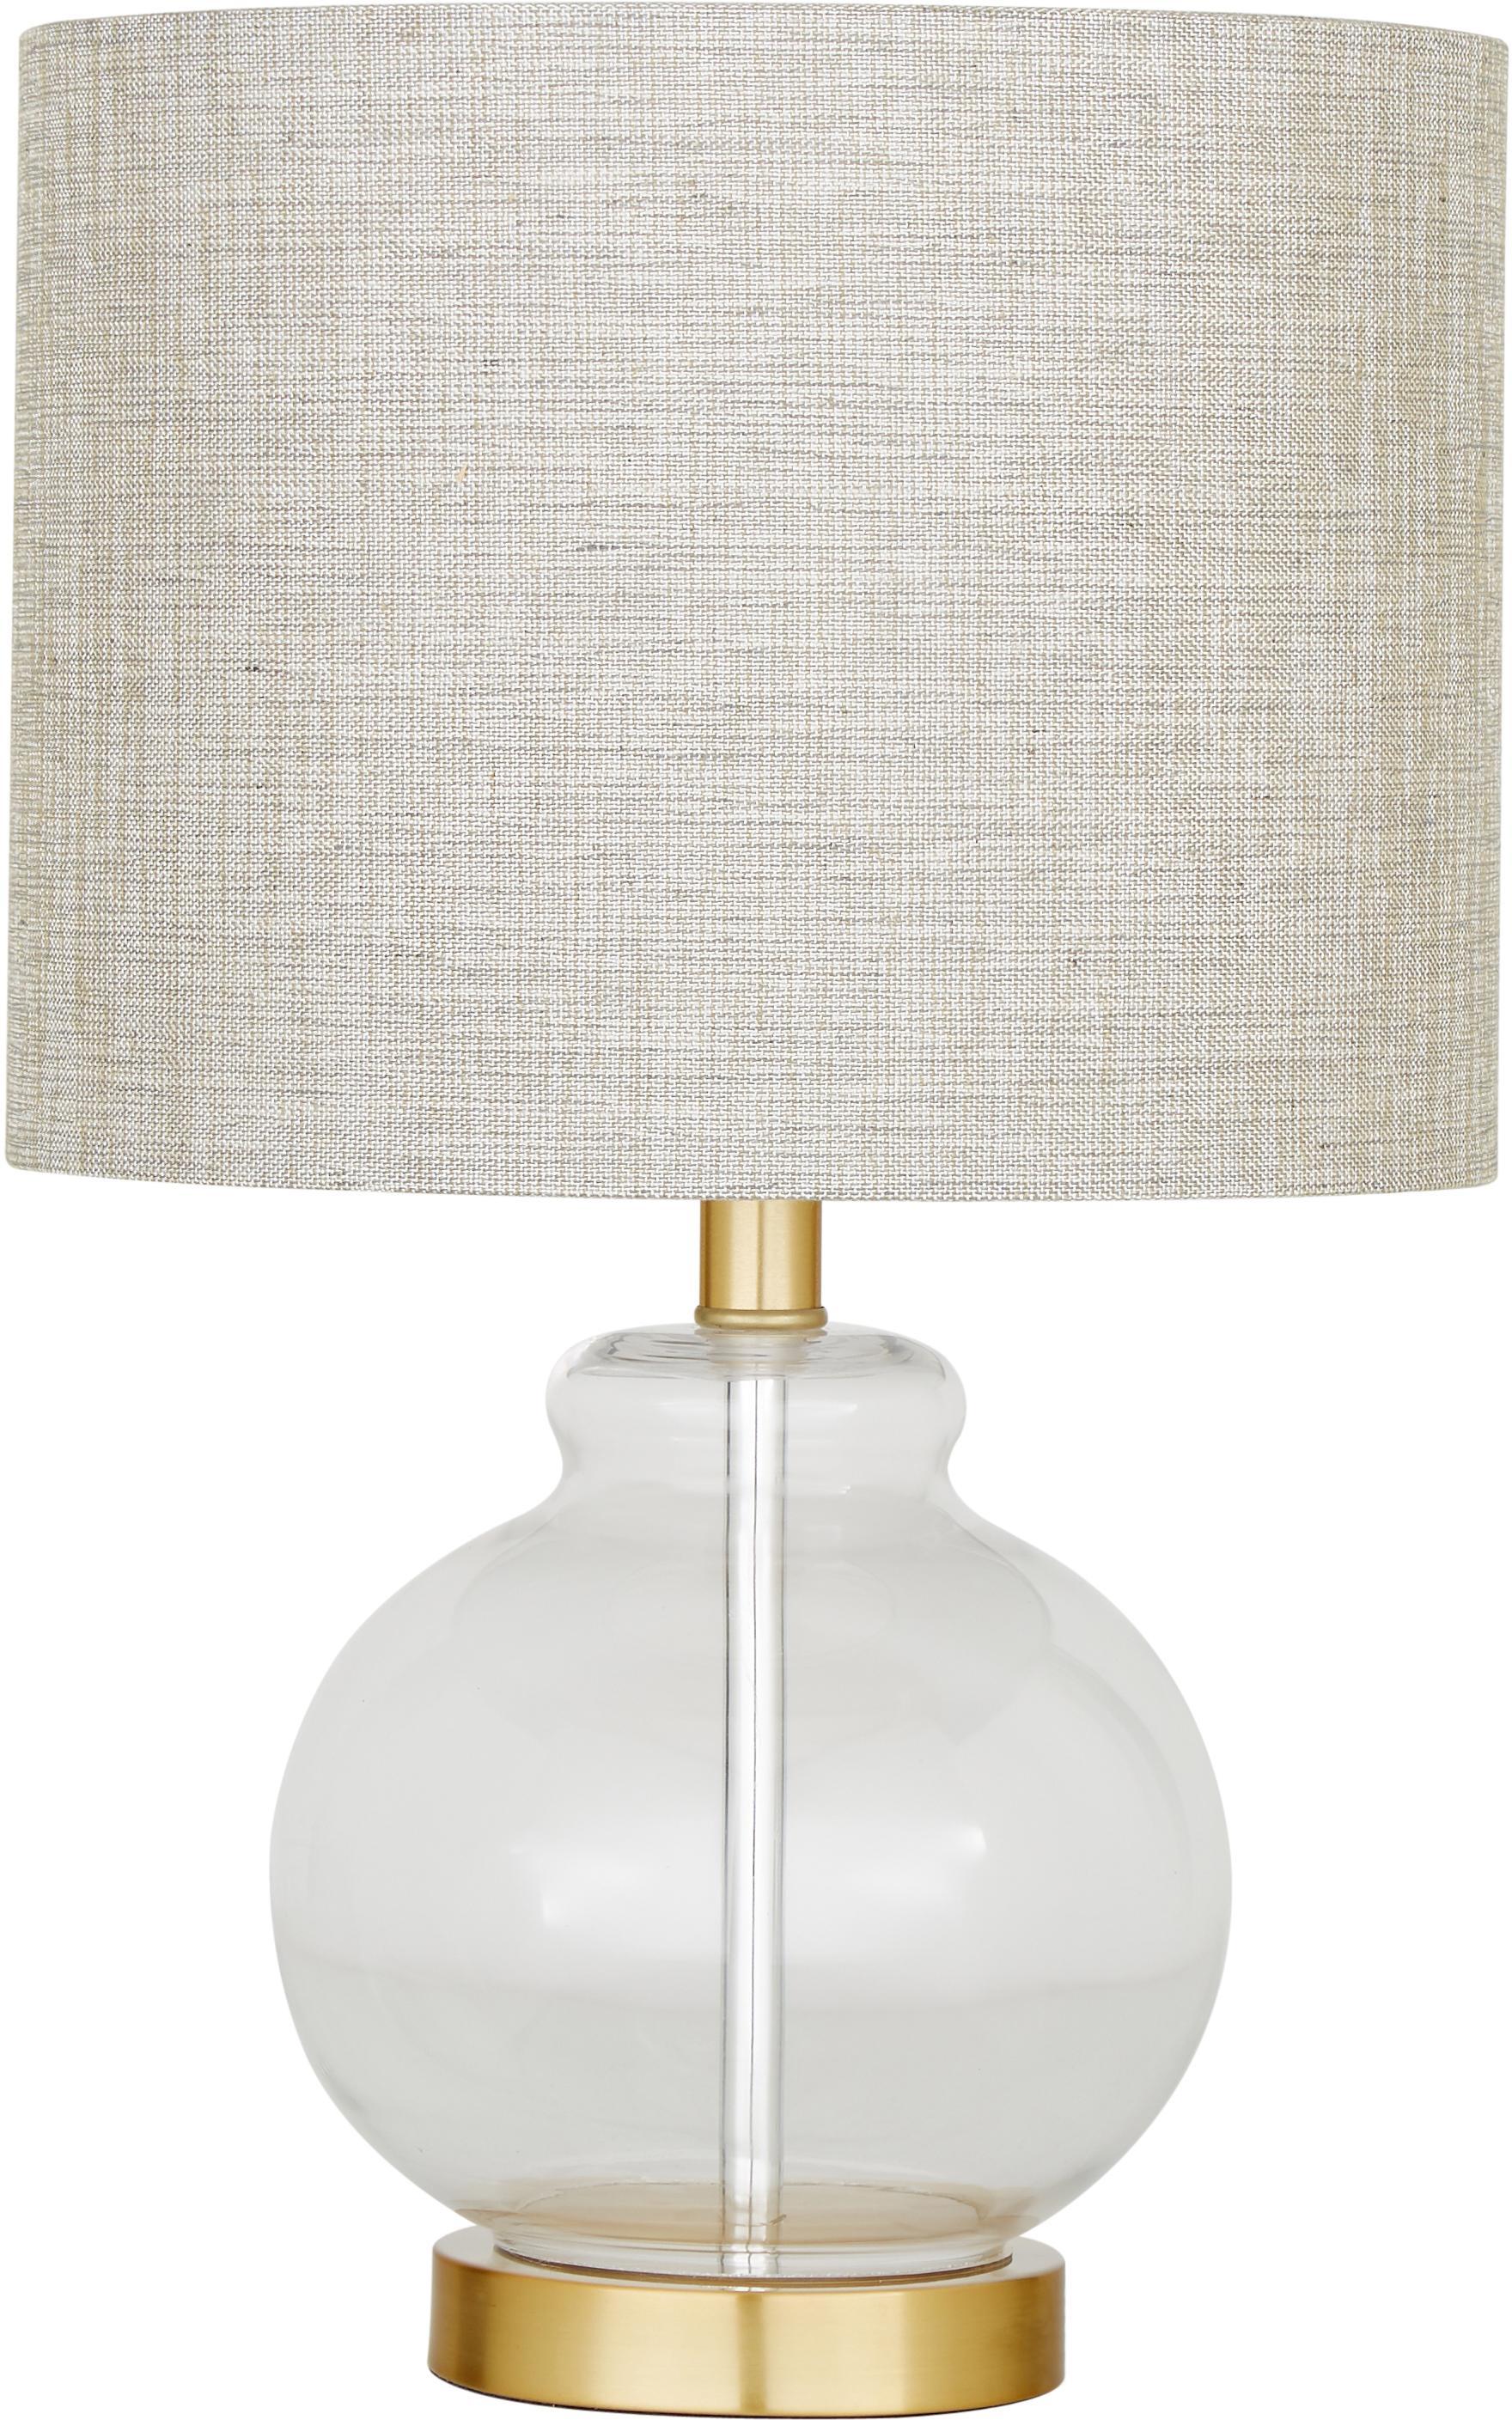 Tischlampe Natty mit Glasfuss, Lampenschirm: Textil, Sockel: Messing, gebürstet, Taupe, Transparent, Ø 31 x H 48 cm